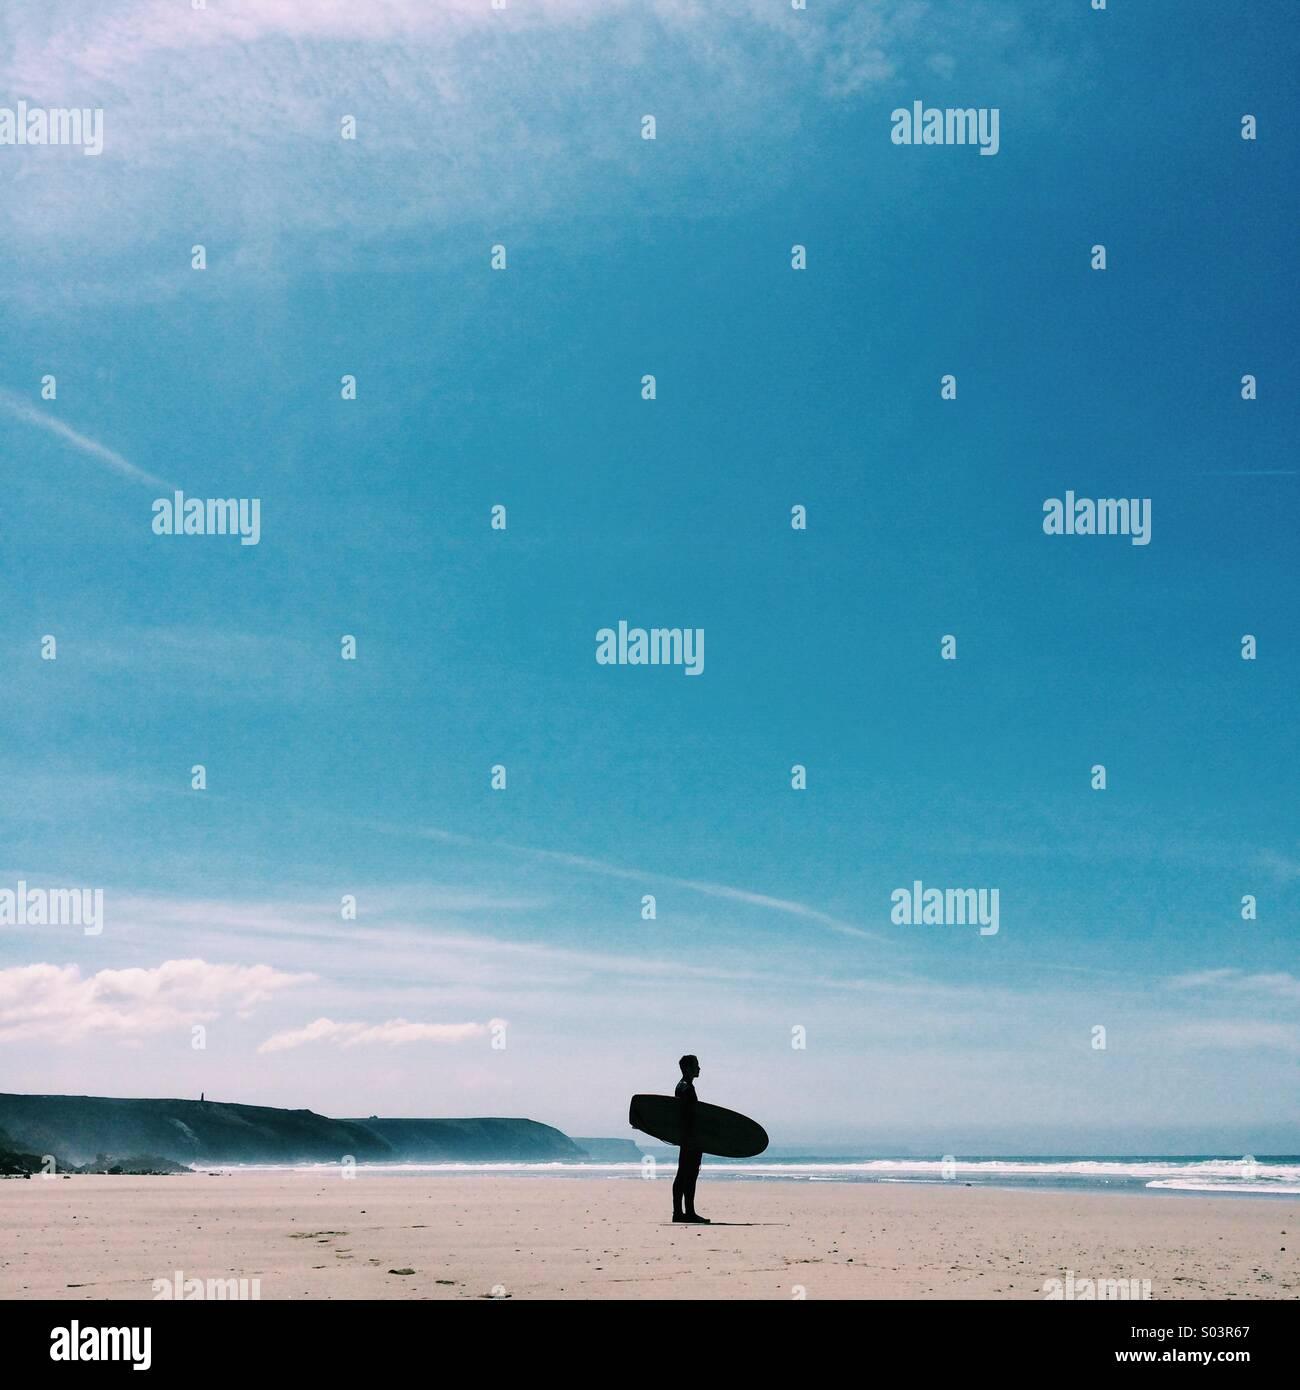 Surfer comprobar las ondas, con un increíble cielo azul claro en verano. Imagen De Stock